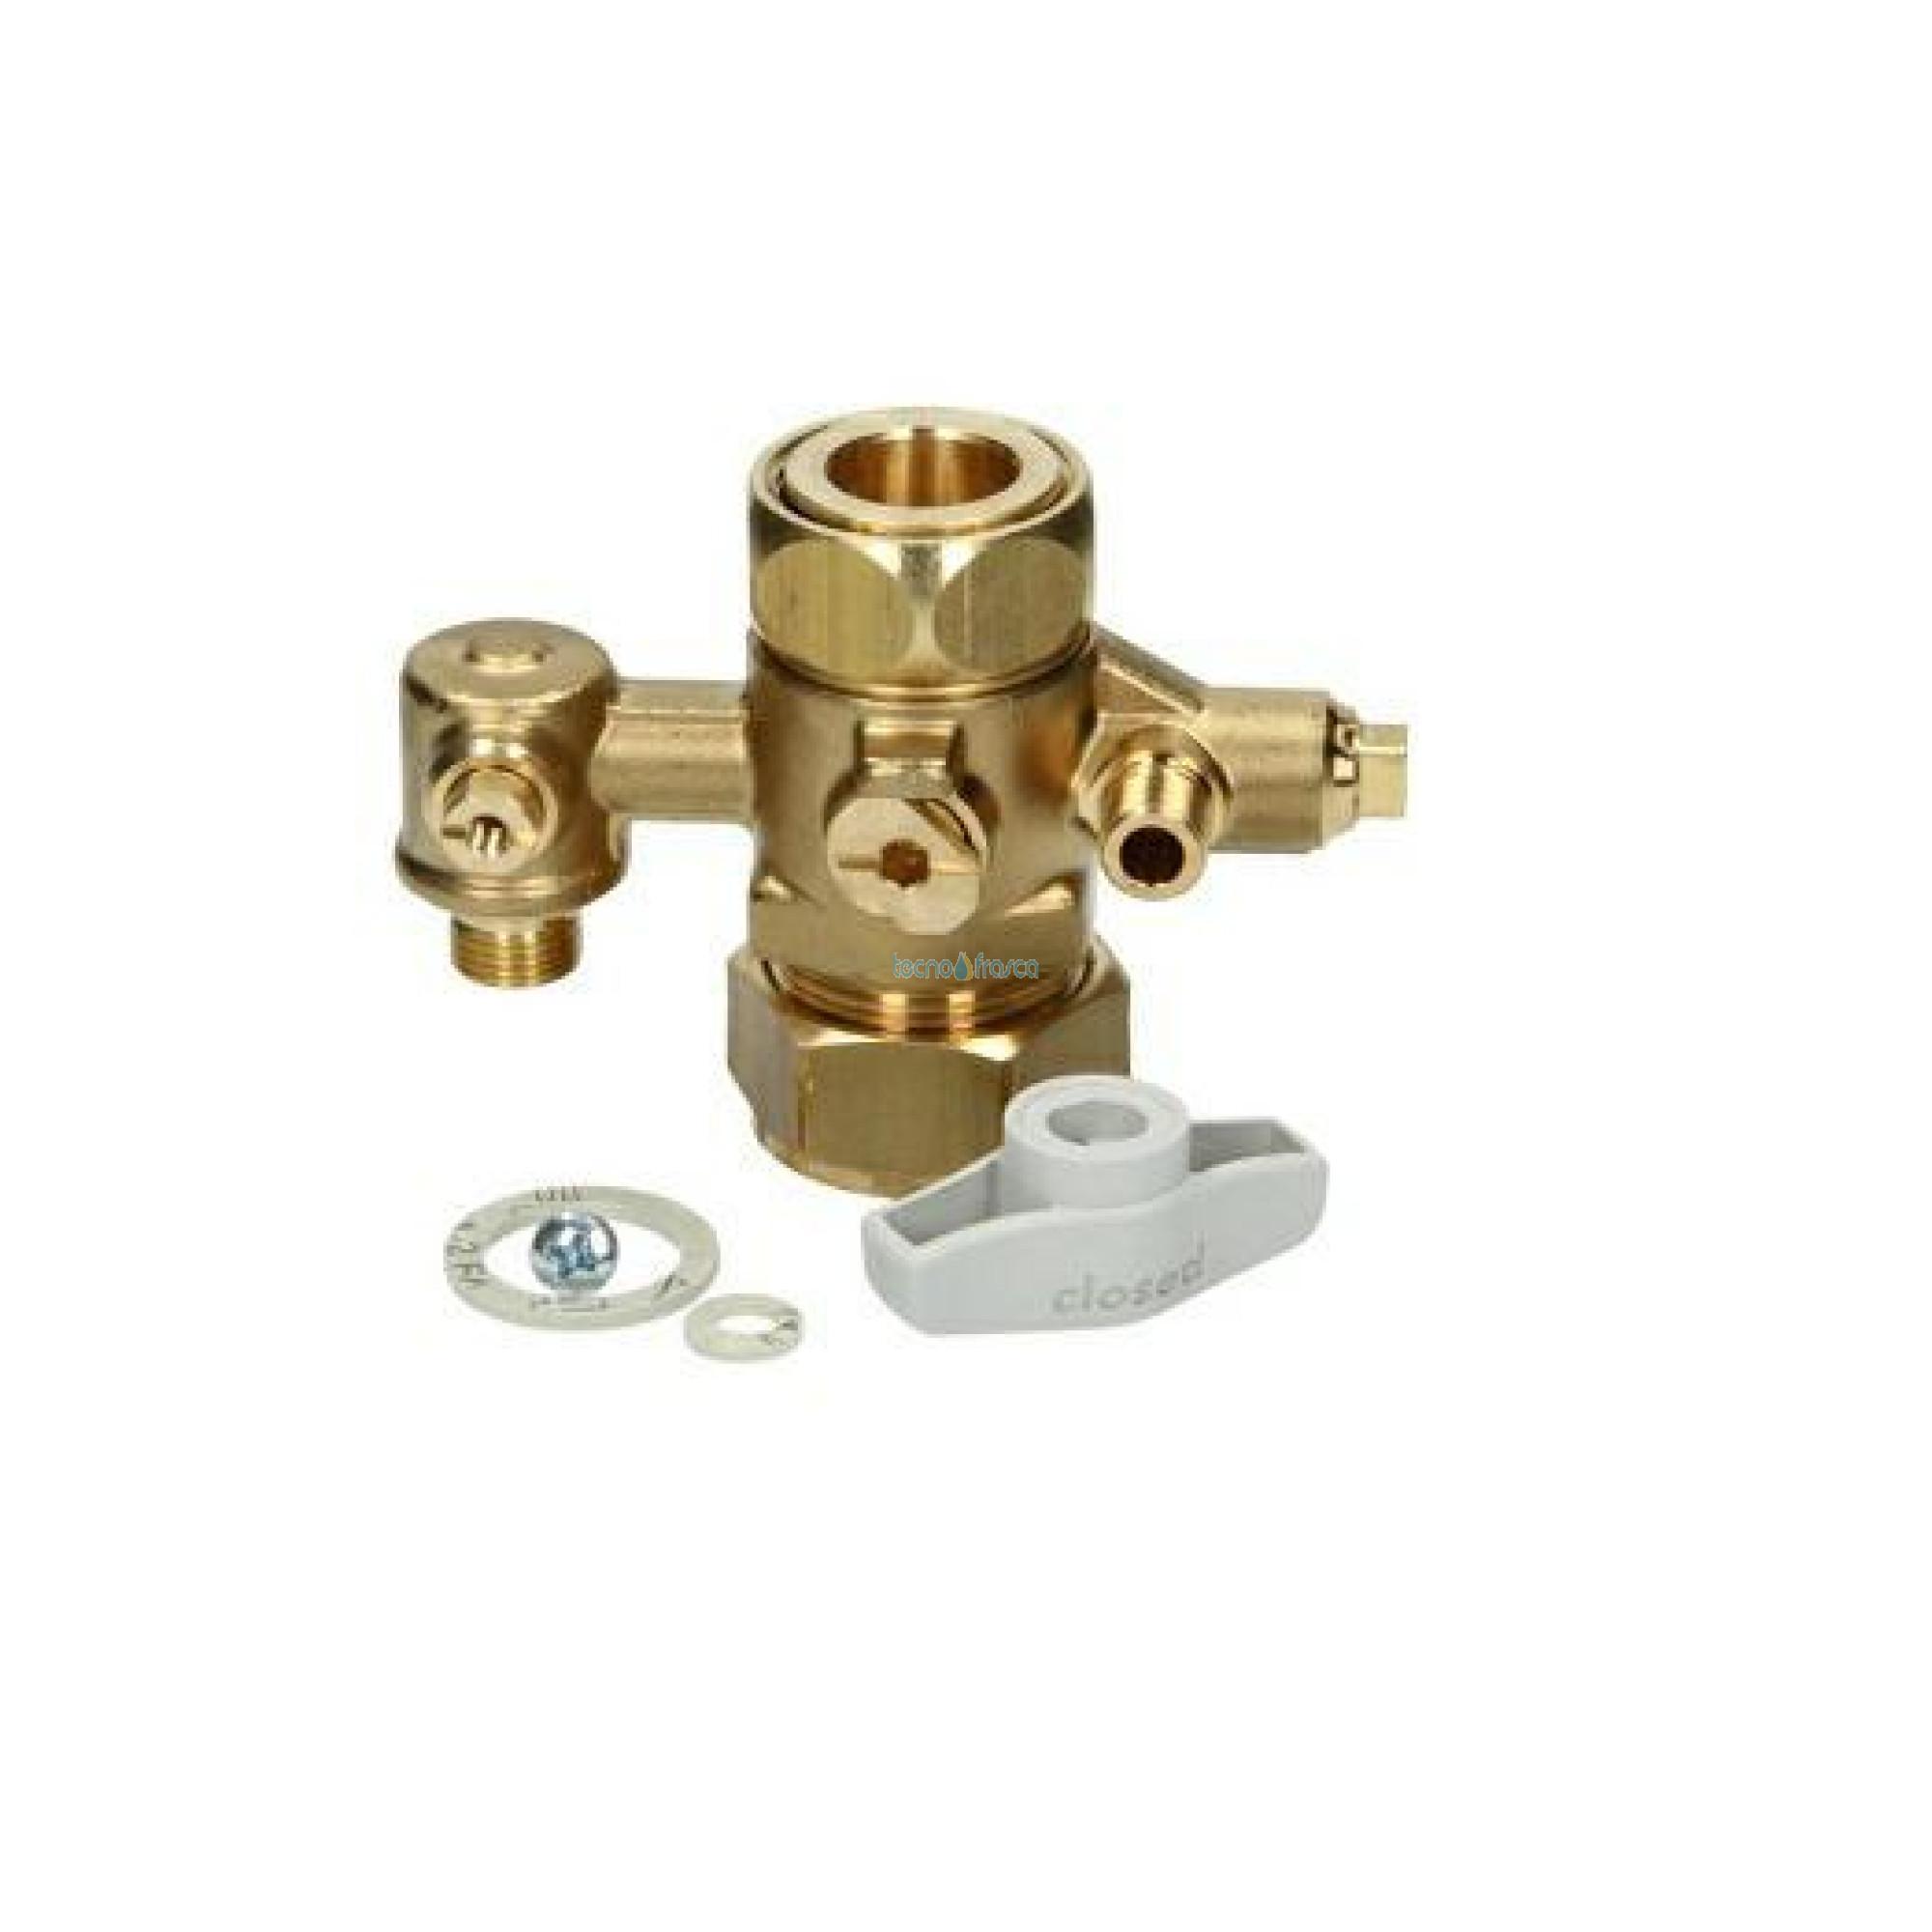 Vaillant rubinetto di raccordo 0020010291